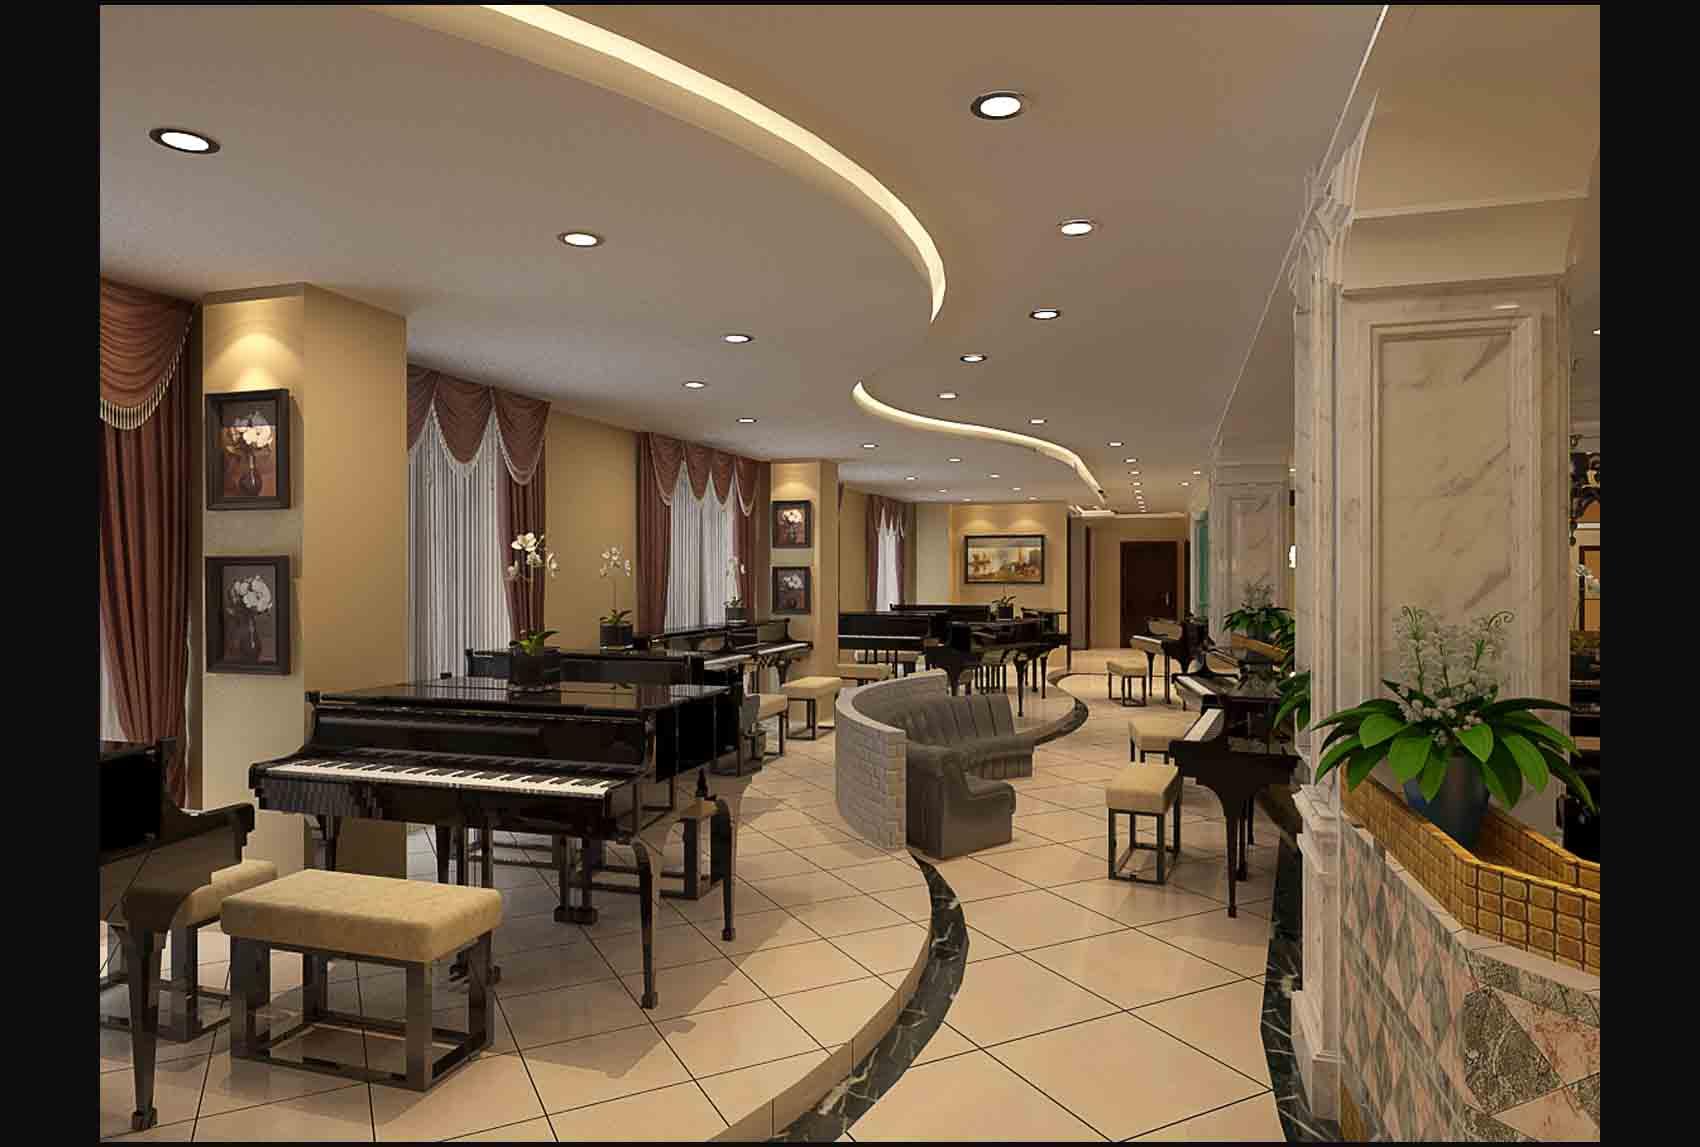 鋼琴培訓中心_裝修之家裝修效果圖